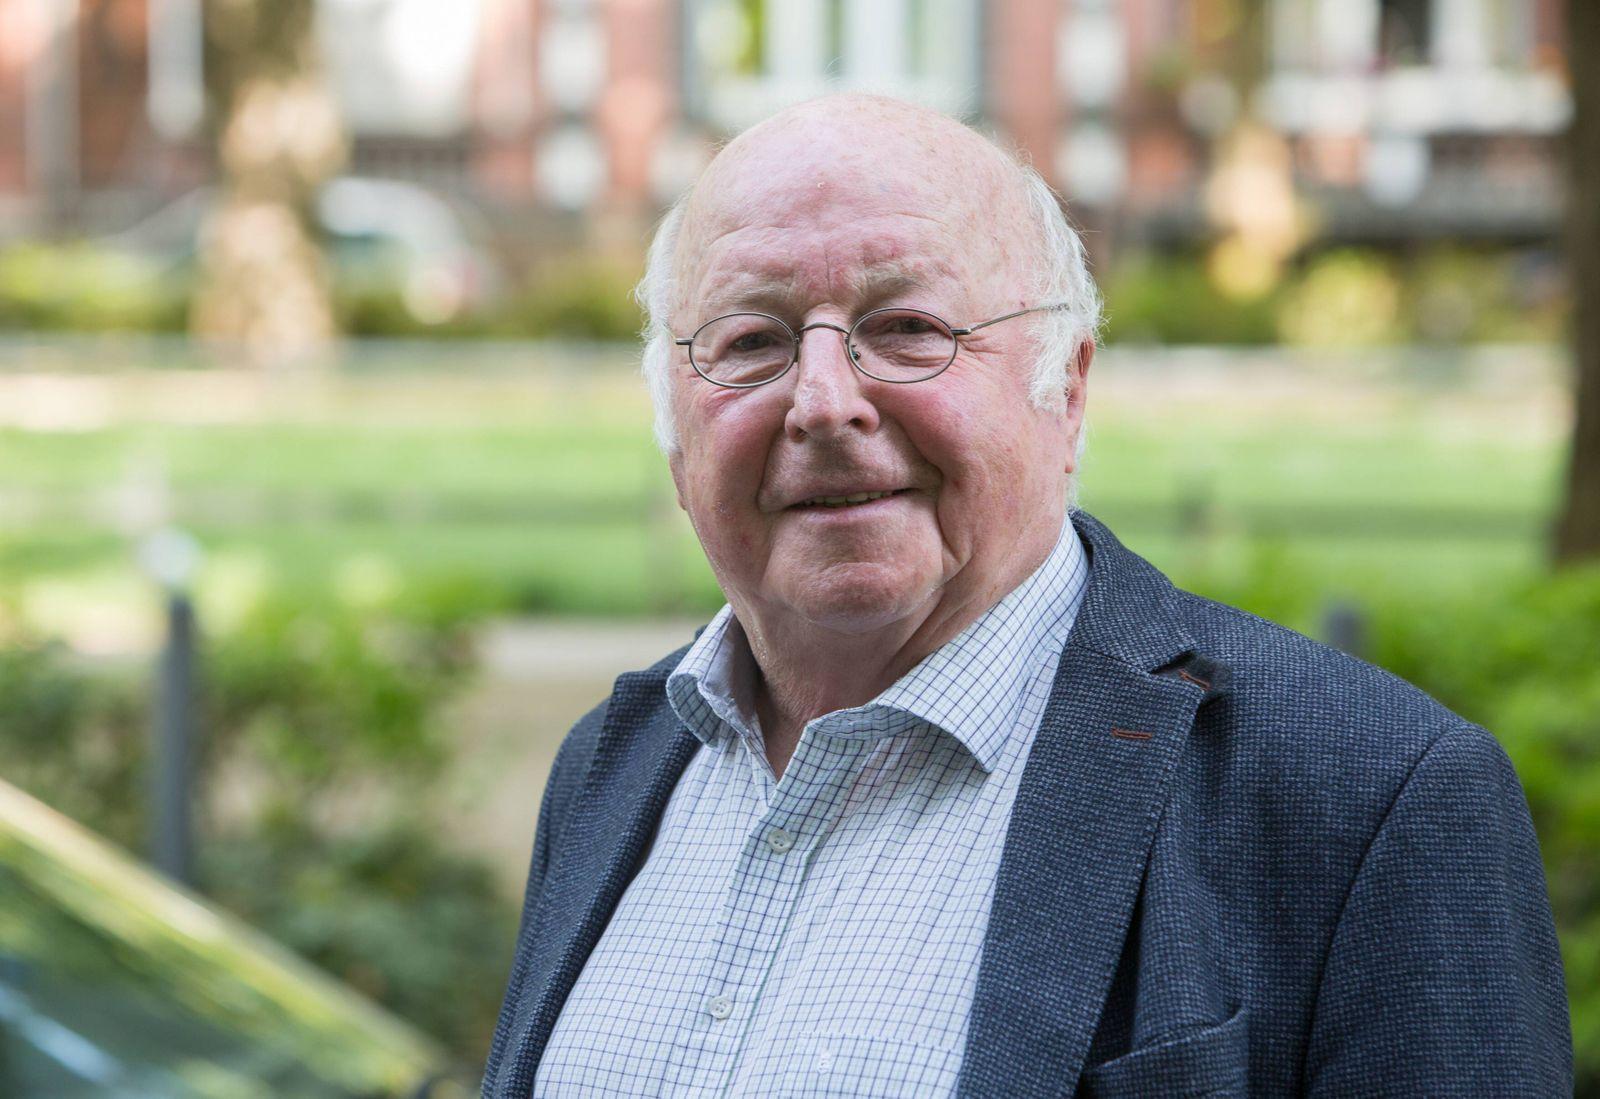 Portrait Norbert Blüm 2018 Dr. Norbert Blüm. Der heute 82-jährige ehemalige Politiker (CDU) war von 1982 bis 1998 Bunde